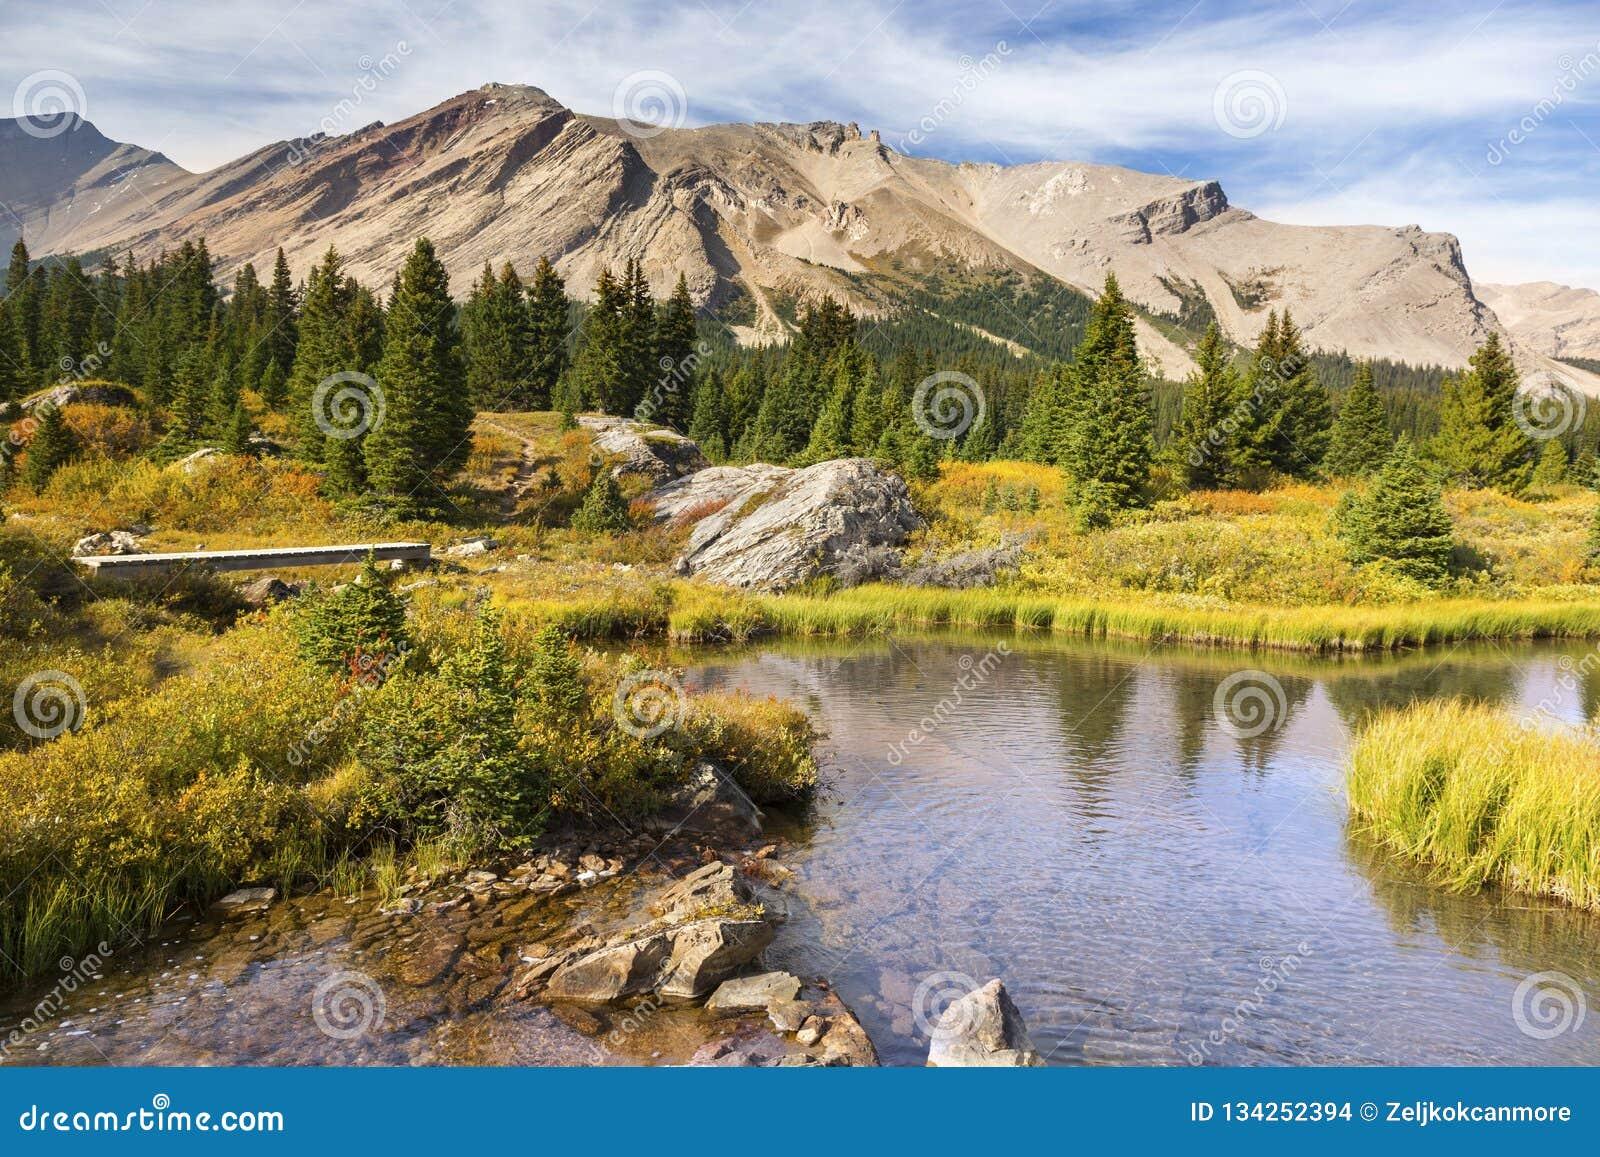 风景风景Pipestone山Red Deer湖班夫国家公园加拿大人罗基斯